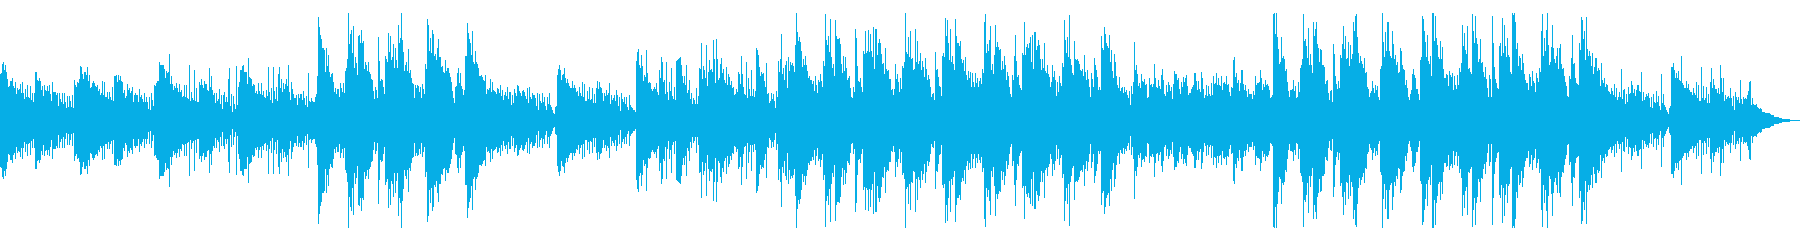 爽やかチルトラップの再生済みの波形